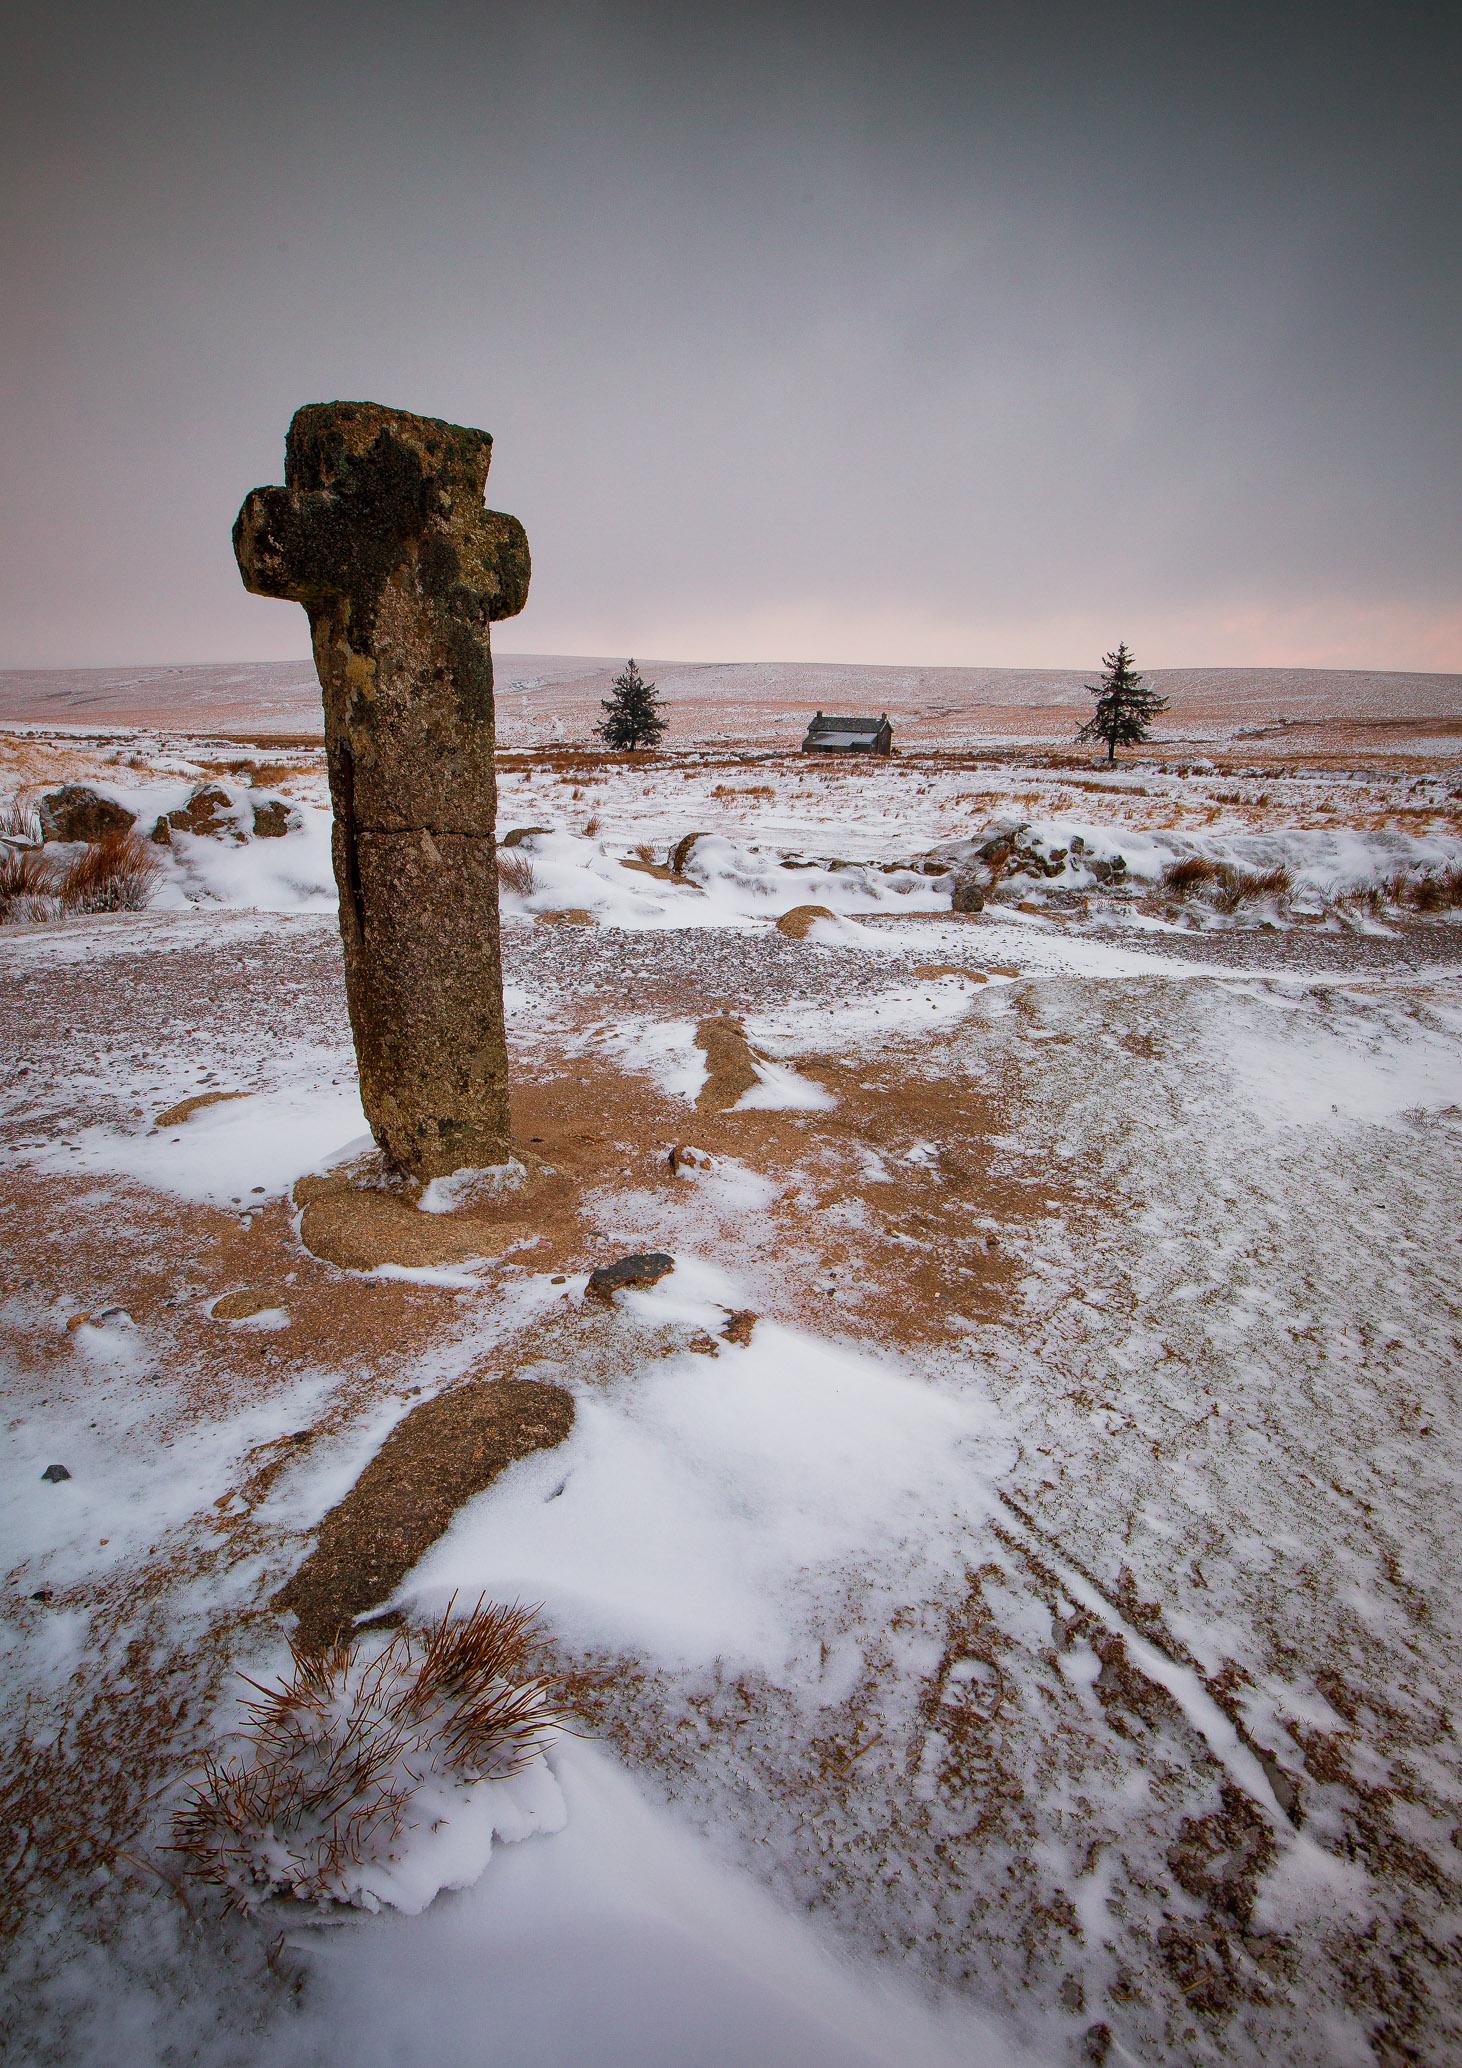 Nun's Cross